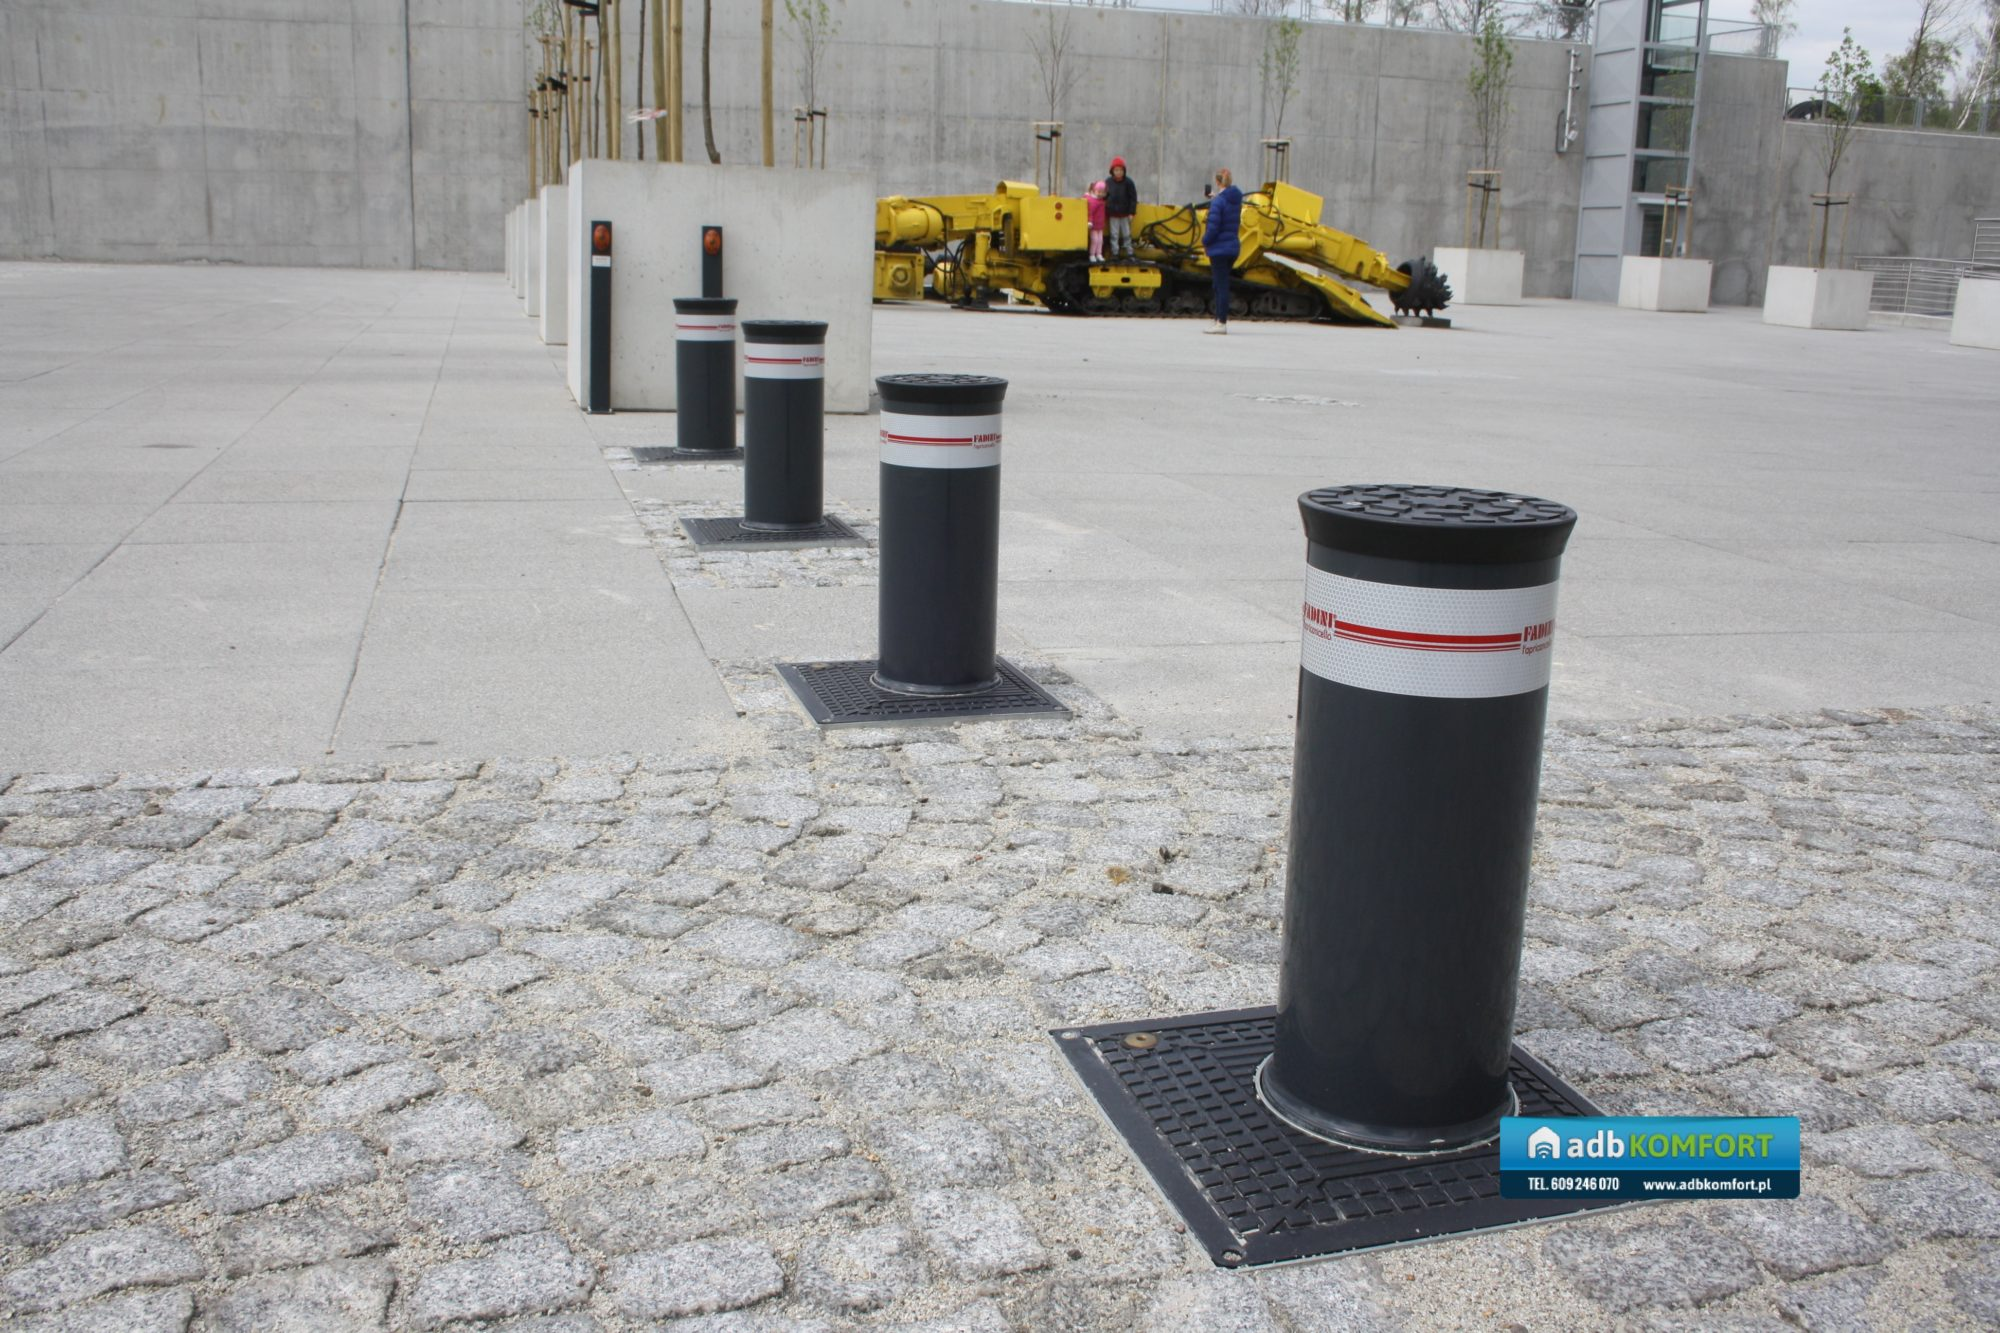 Dostawa i instalacja automatycznych słupków (blokad drogowych) Fadinin Vigilo oraz szlabanu elektromechanicznego FAAC 617 -Centrum Nauki i Sztuki Stara Kopalnia Wałbrzych